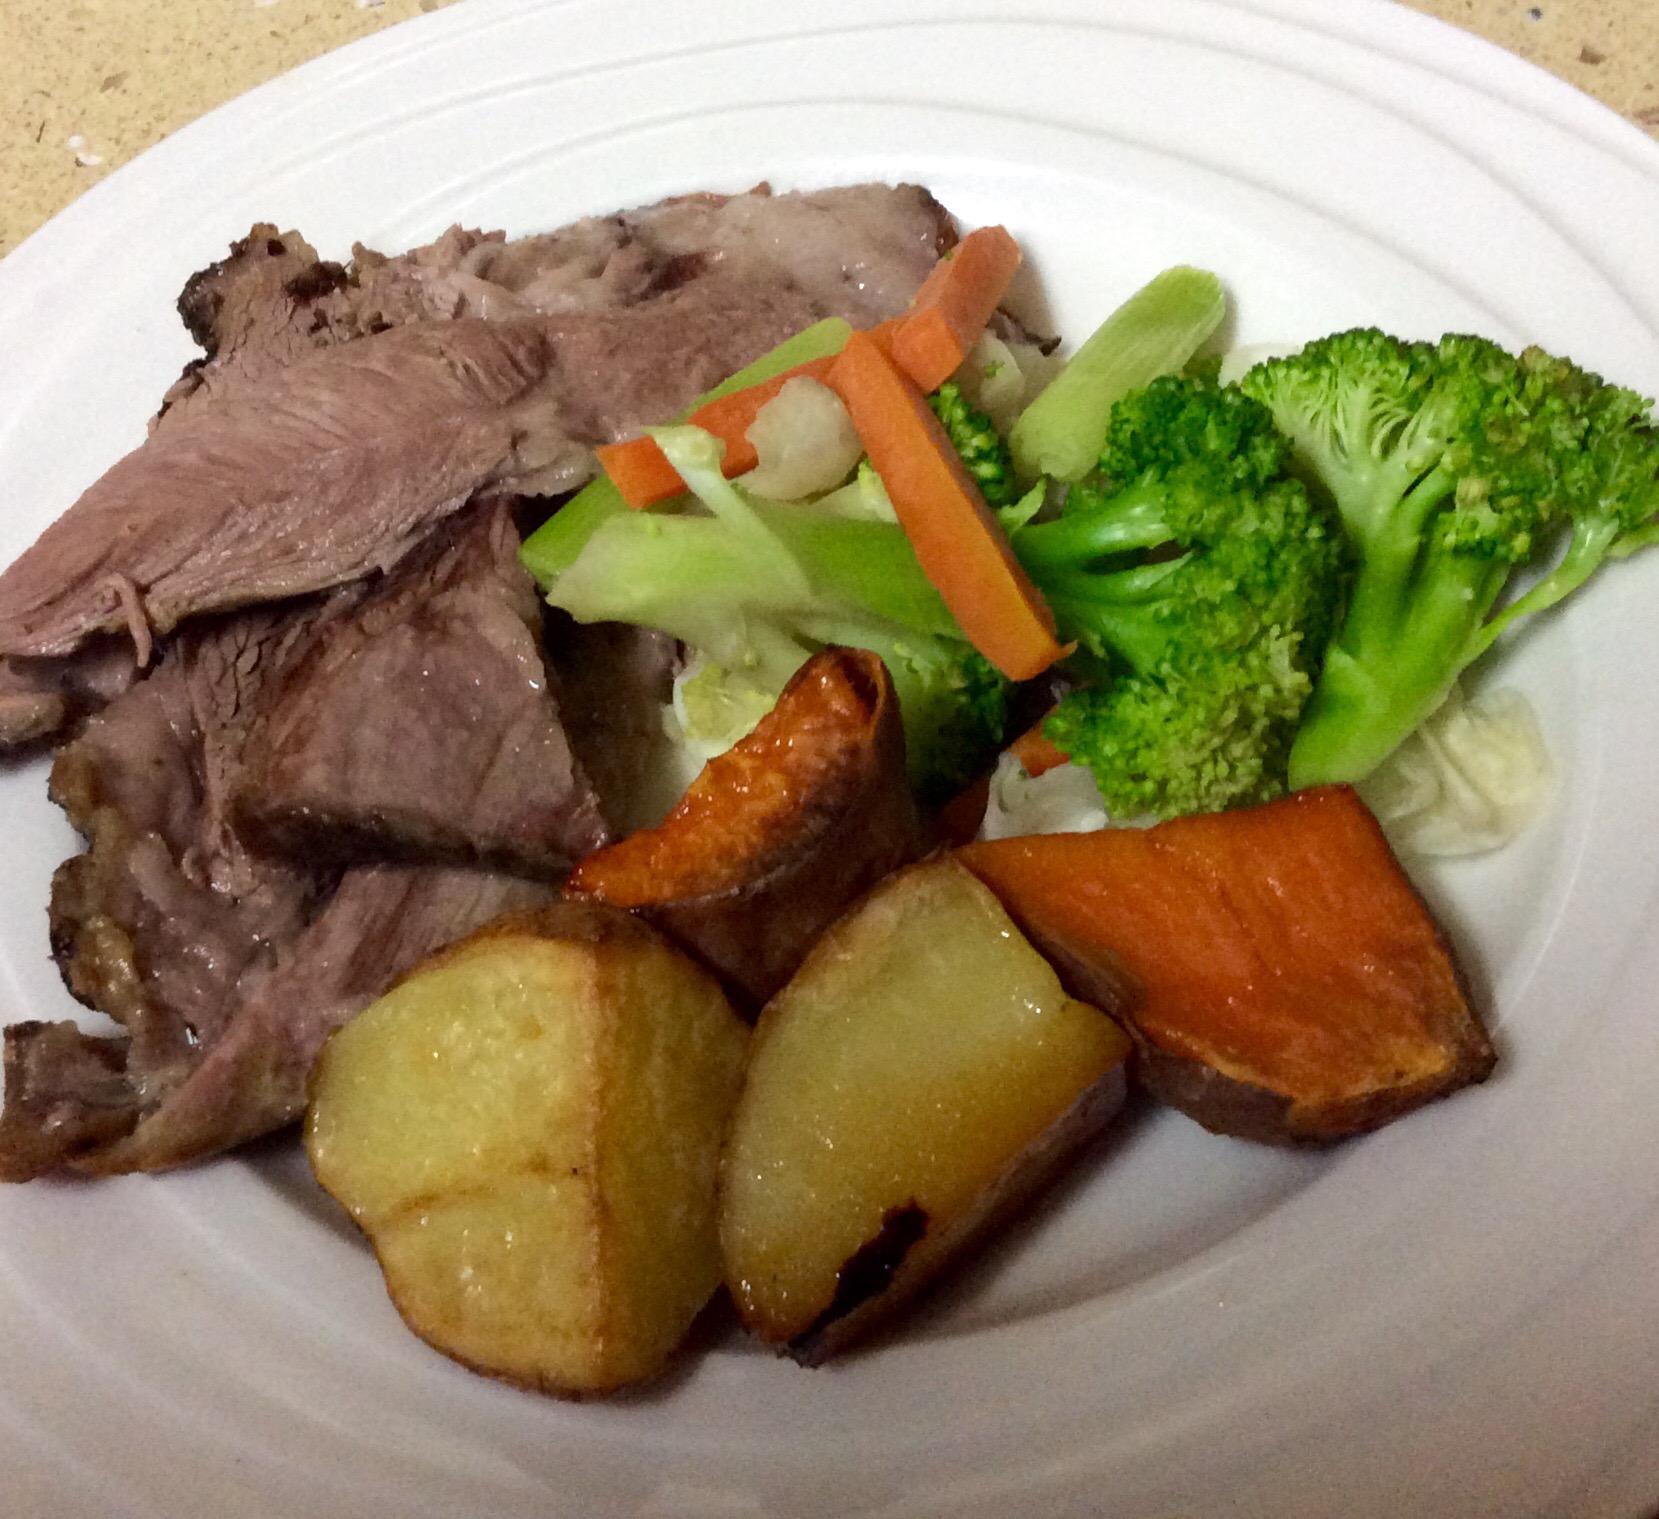 slow roasted shoulder of lamb and veg, wartime food